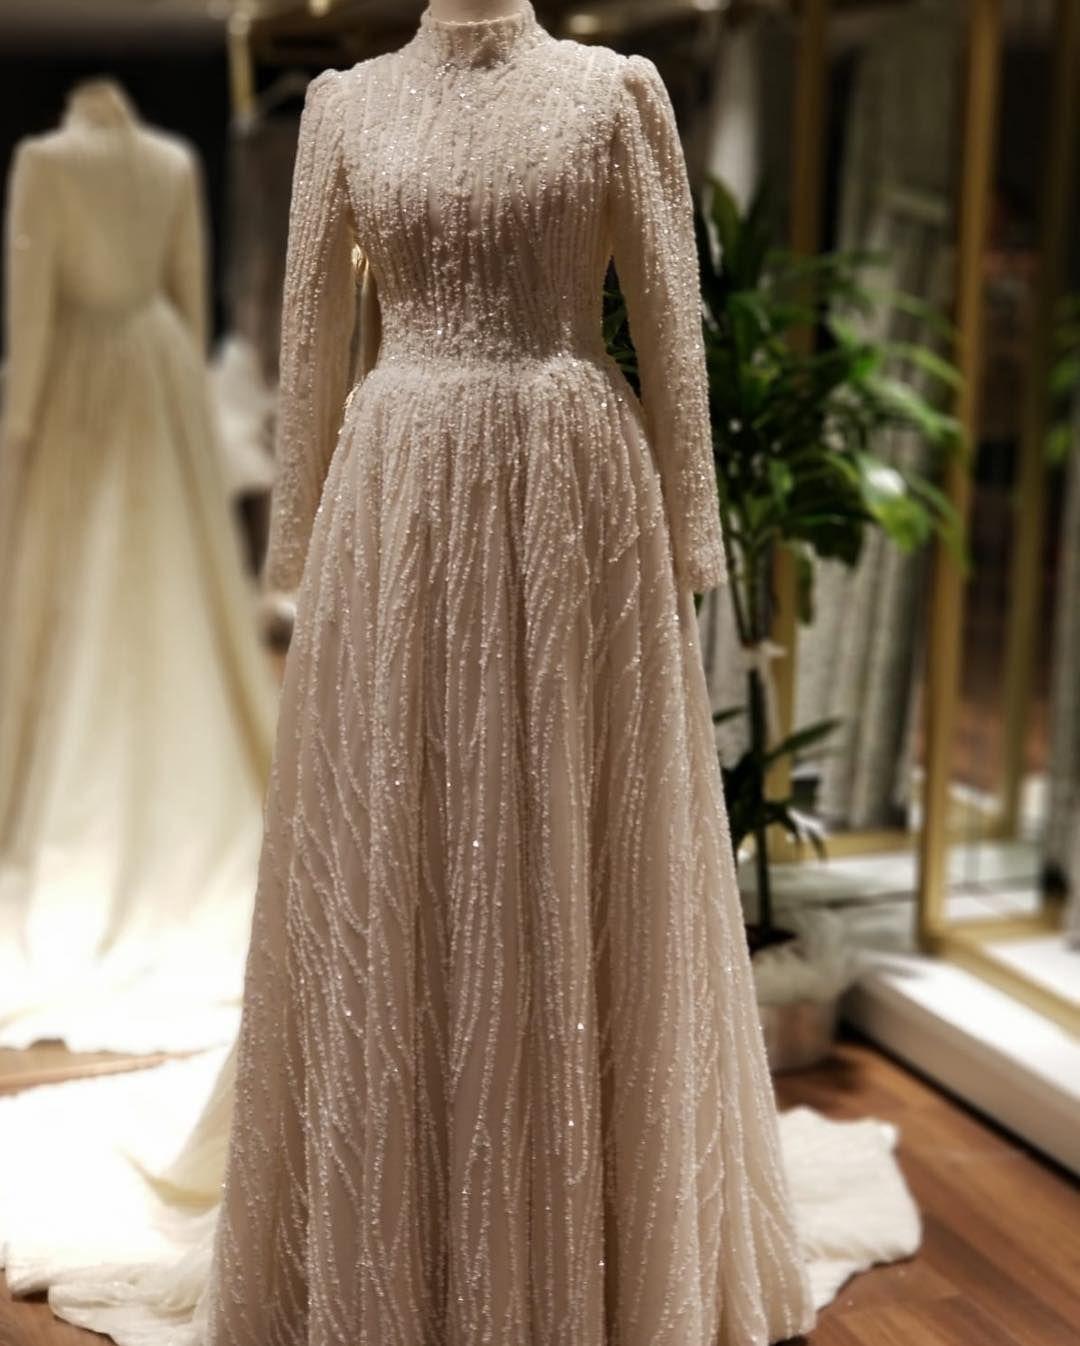 Goruntunun Olasi Icerigi Bir Veya Daha Fazla Kisi Tesettur Gelinlik Mo Tesettur Gelinlik Model Evening Dresses Elegant Hijab Dress Party Hijab Wedding Dresses